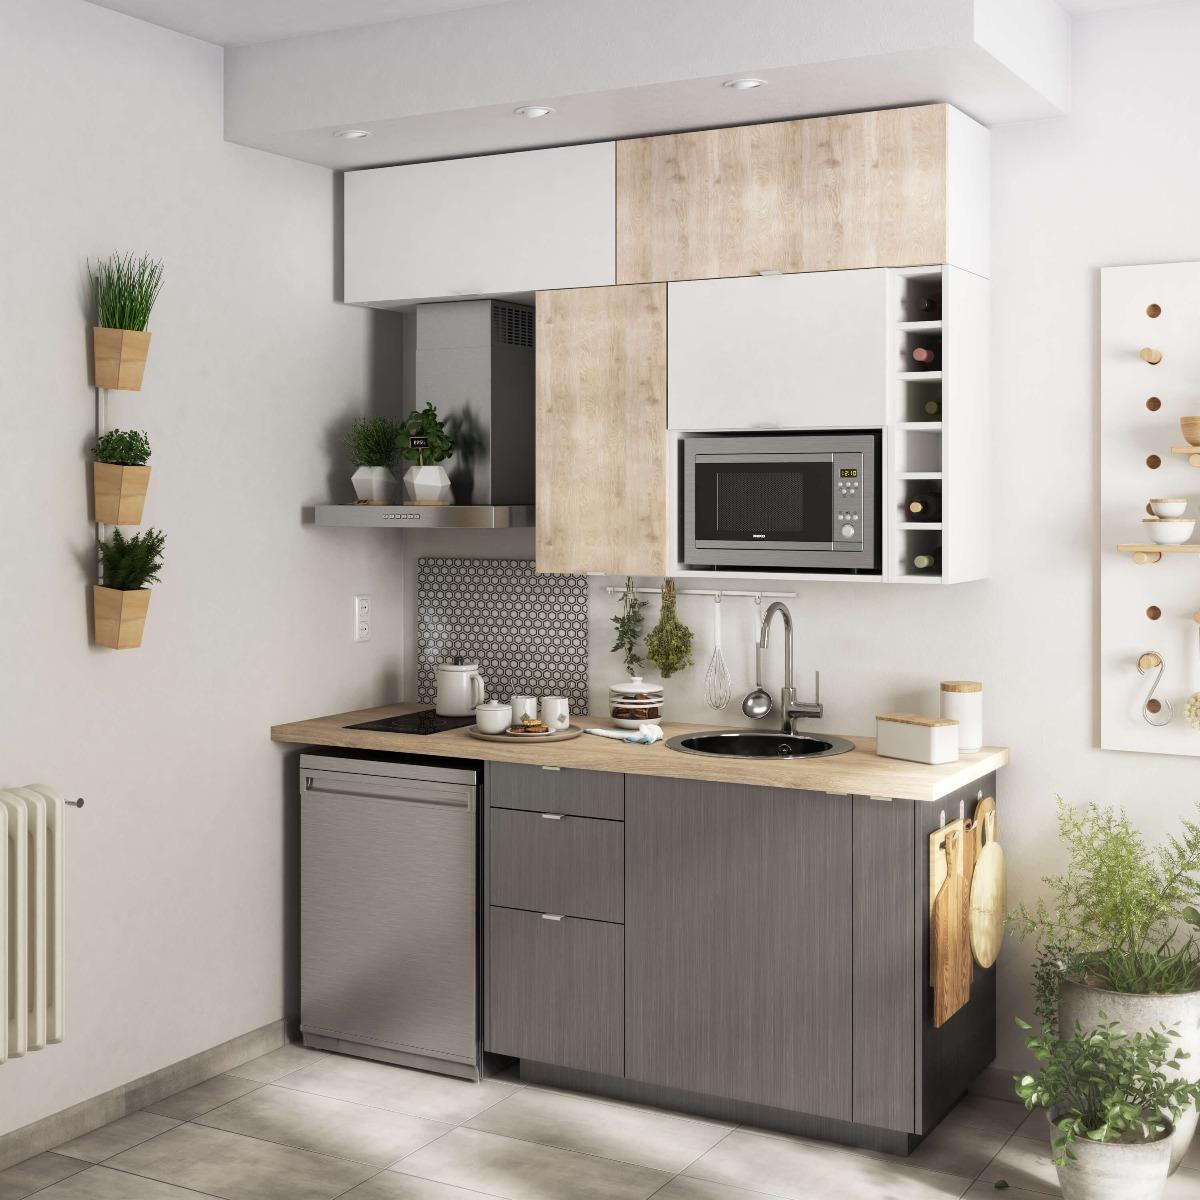 Mobi Delinia Detroit Designer Kitchen - Example 1